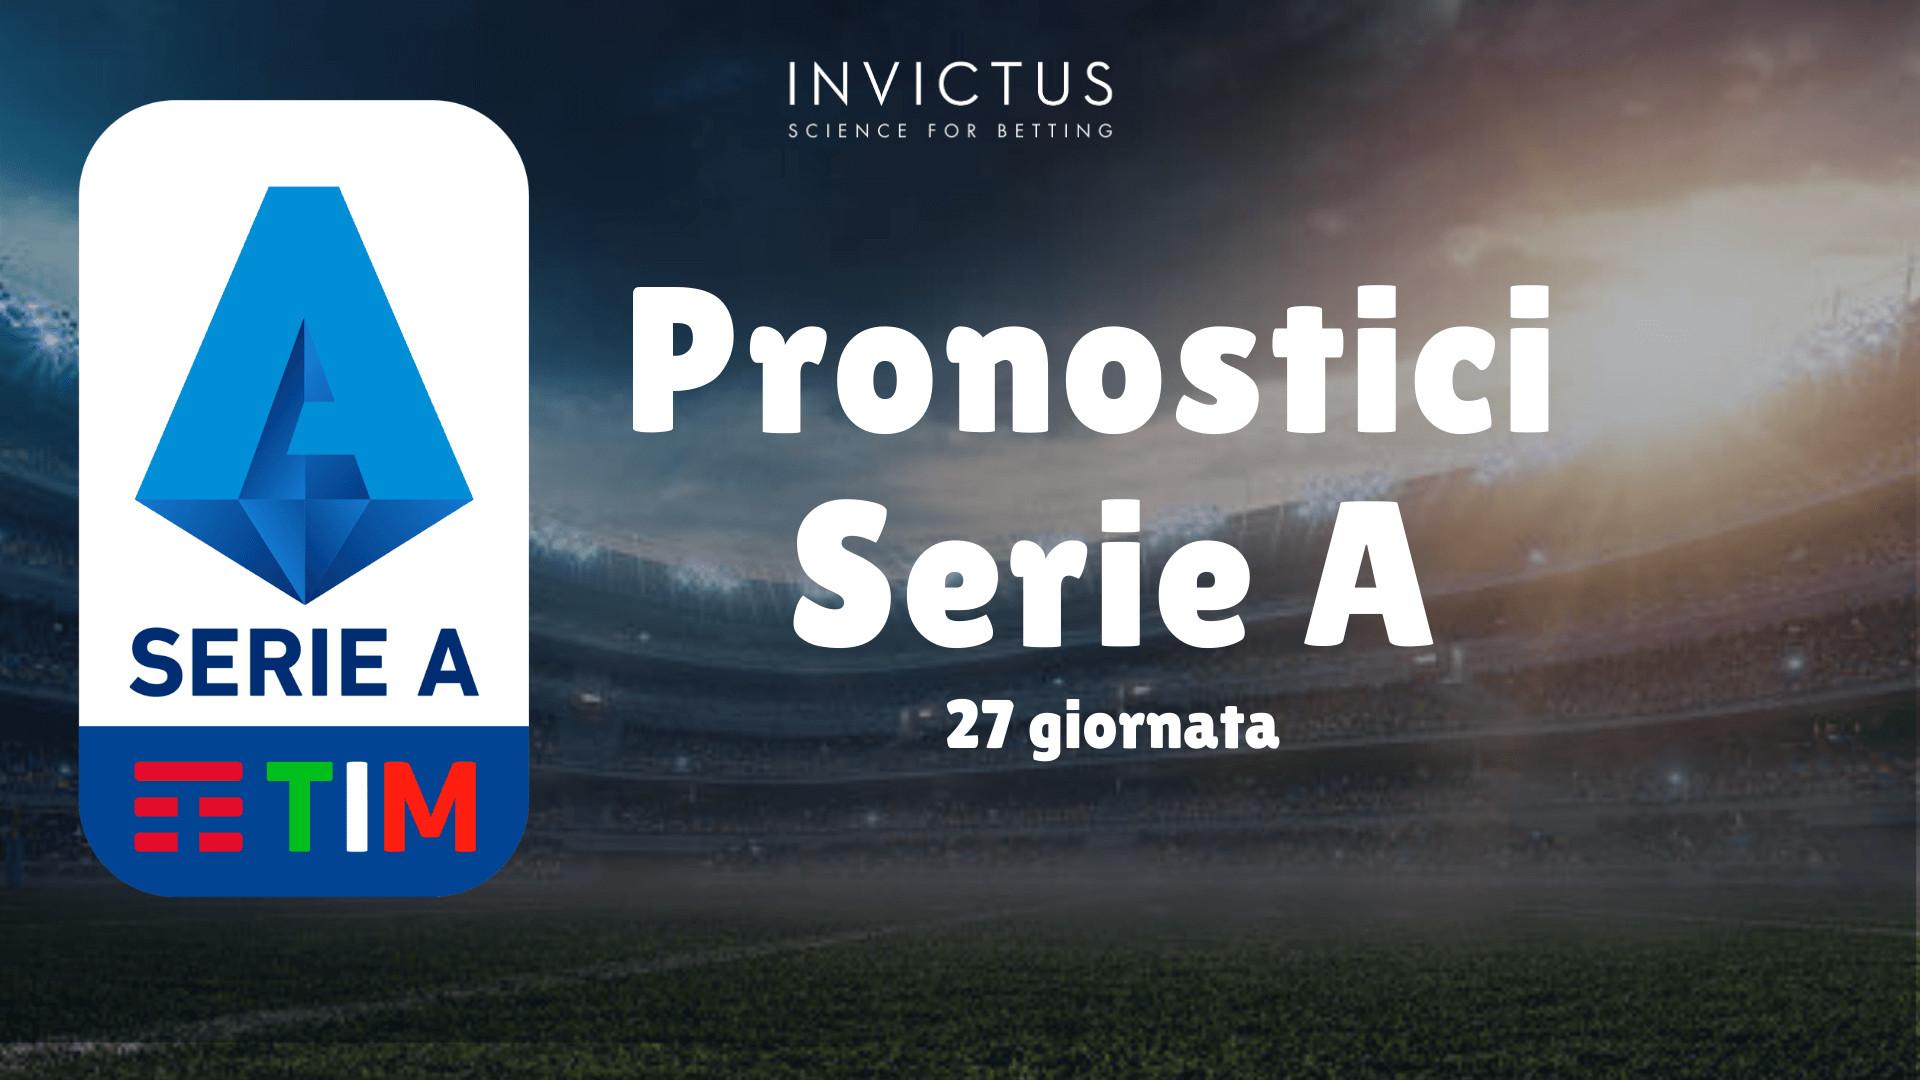 Pronostici Serie A 27 Giornata Invictus Blog